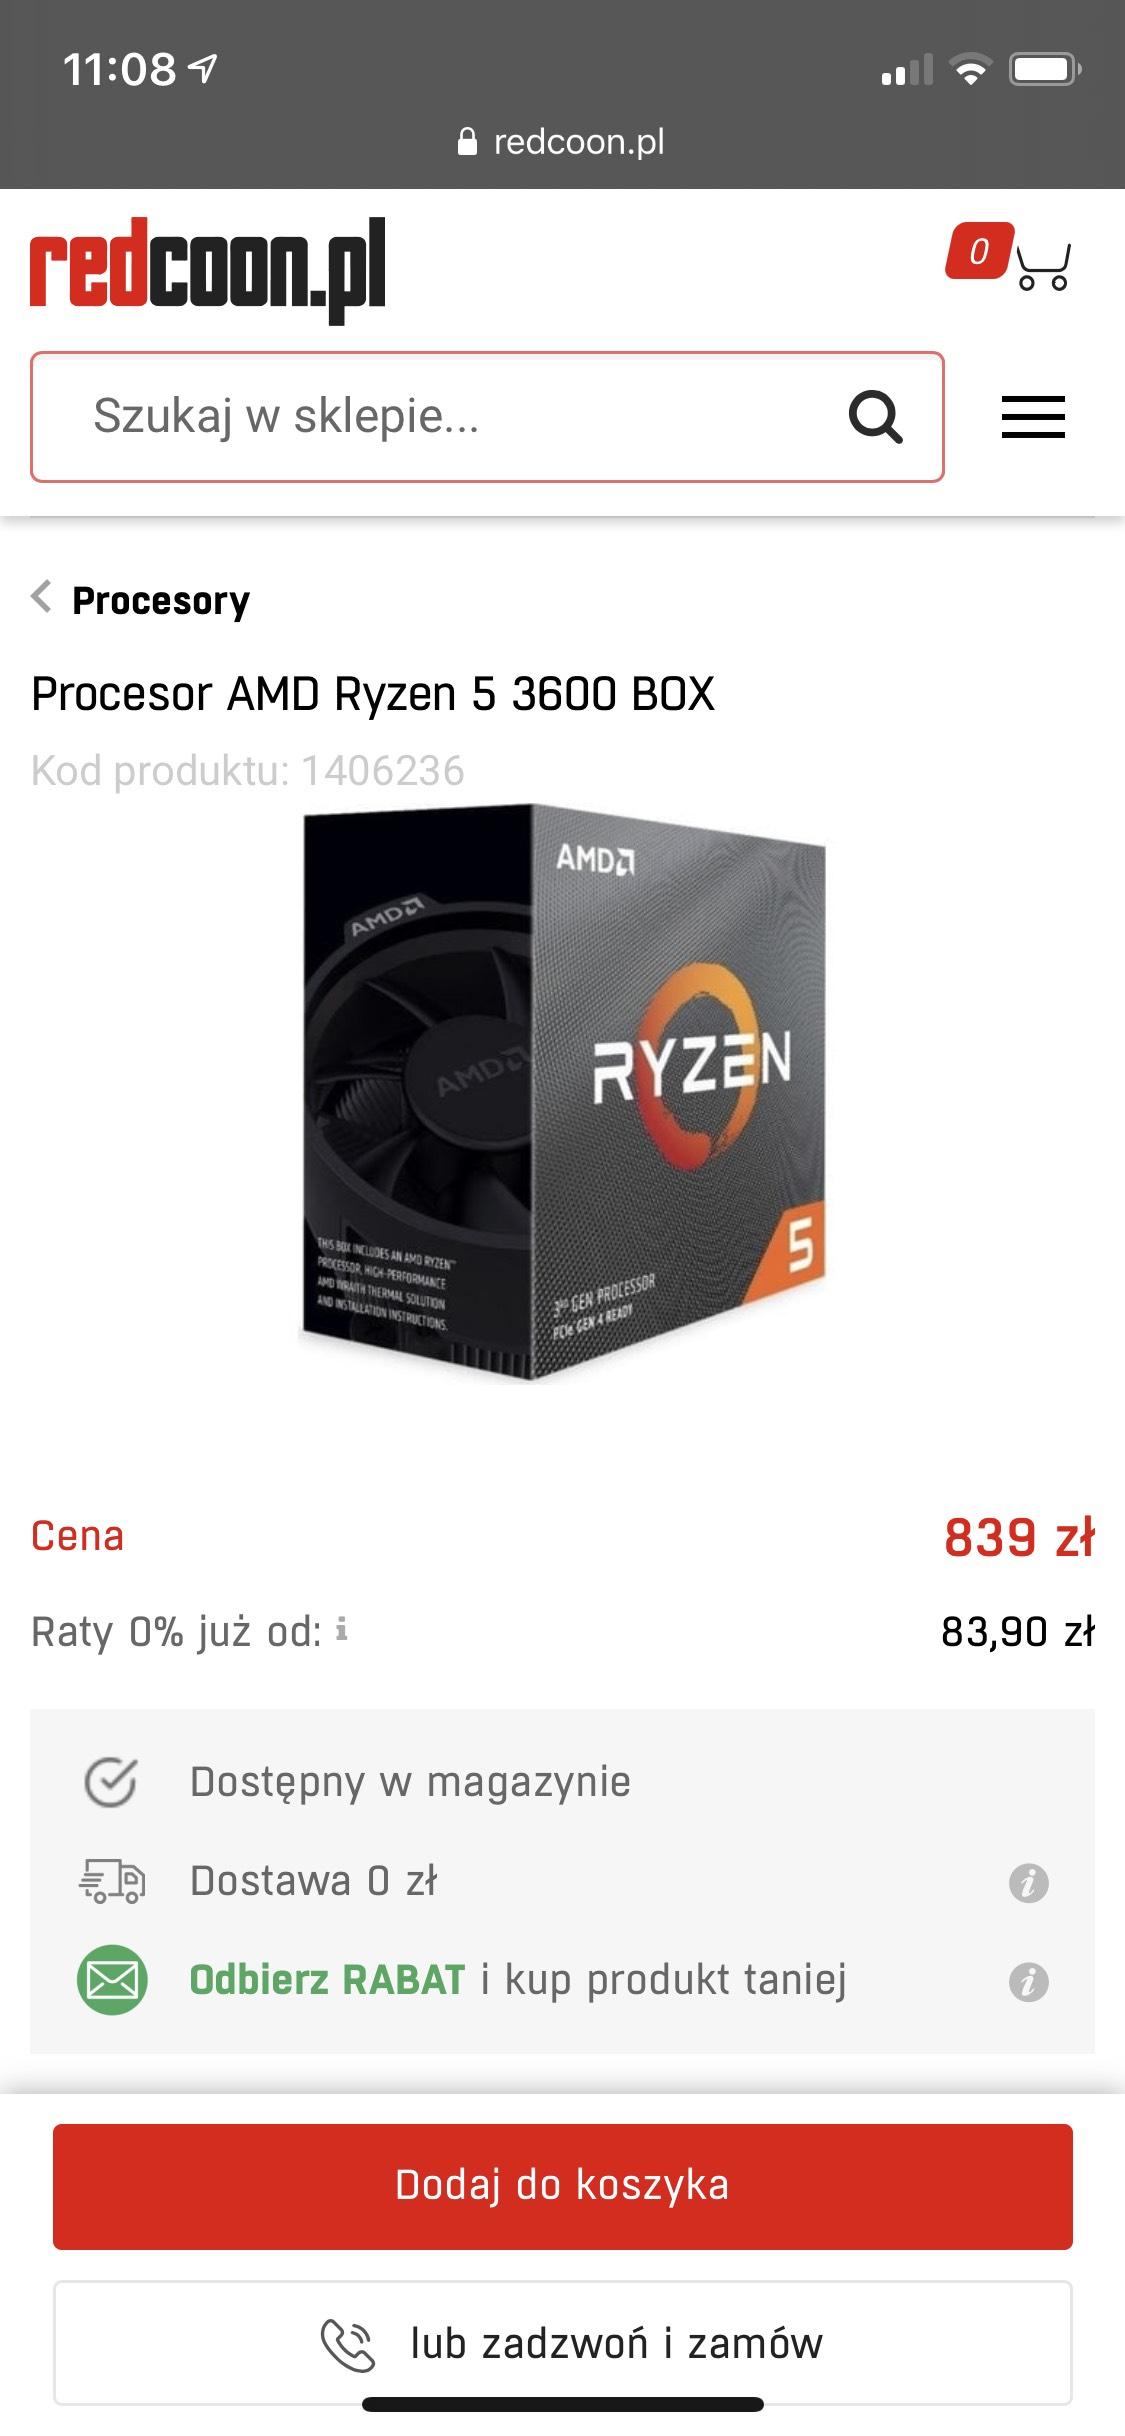 Procesor Ryzen 3600 (814zł newsletter)